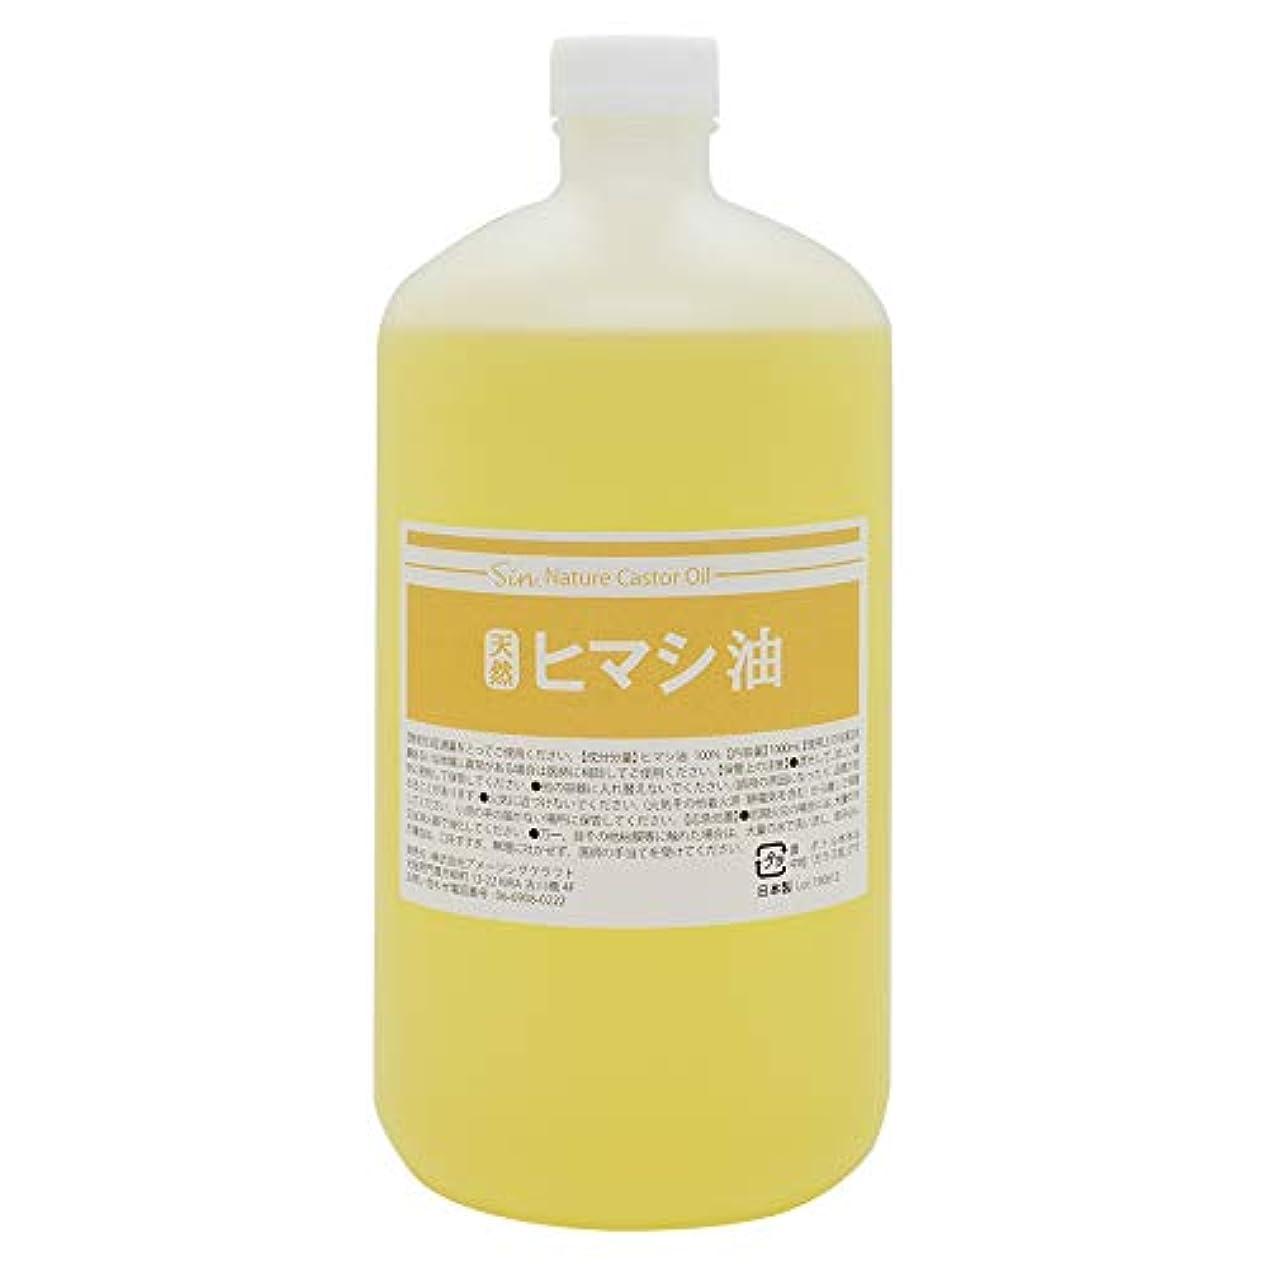 蒸し器スカリー無人天然無添加 国内精製 ひまし油 1000ml (ヒマシ油 キャスターオイル)